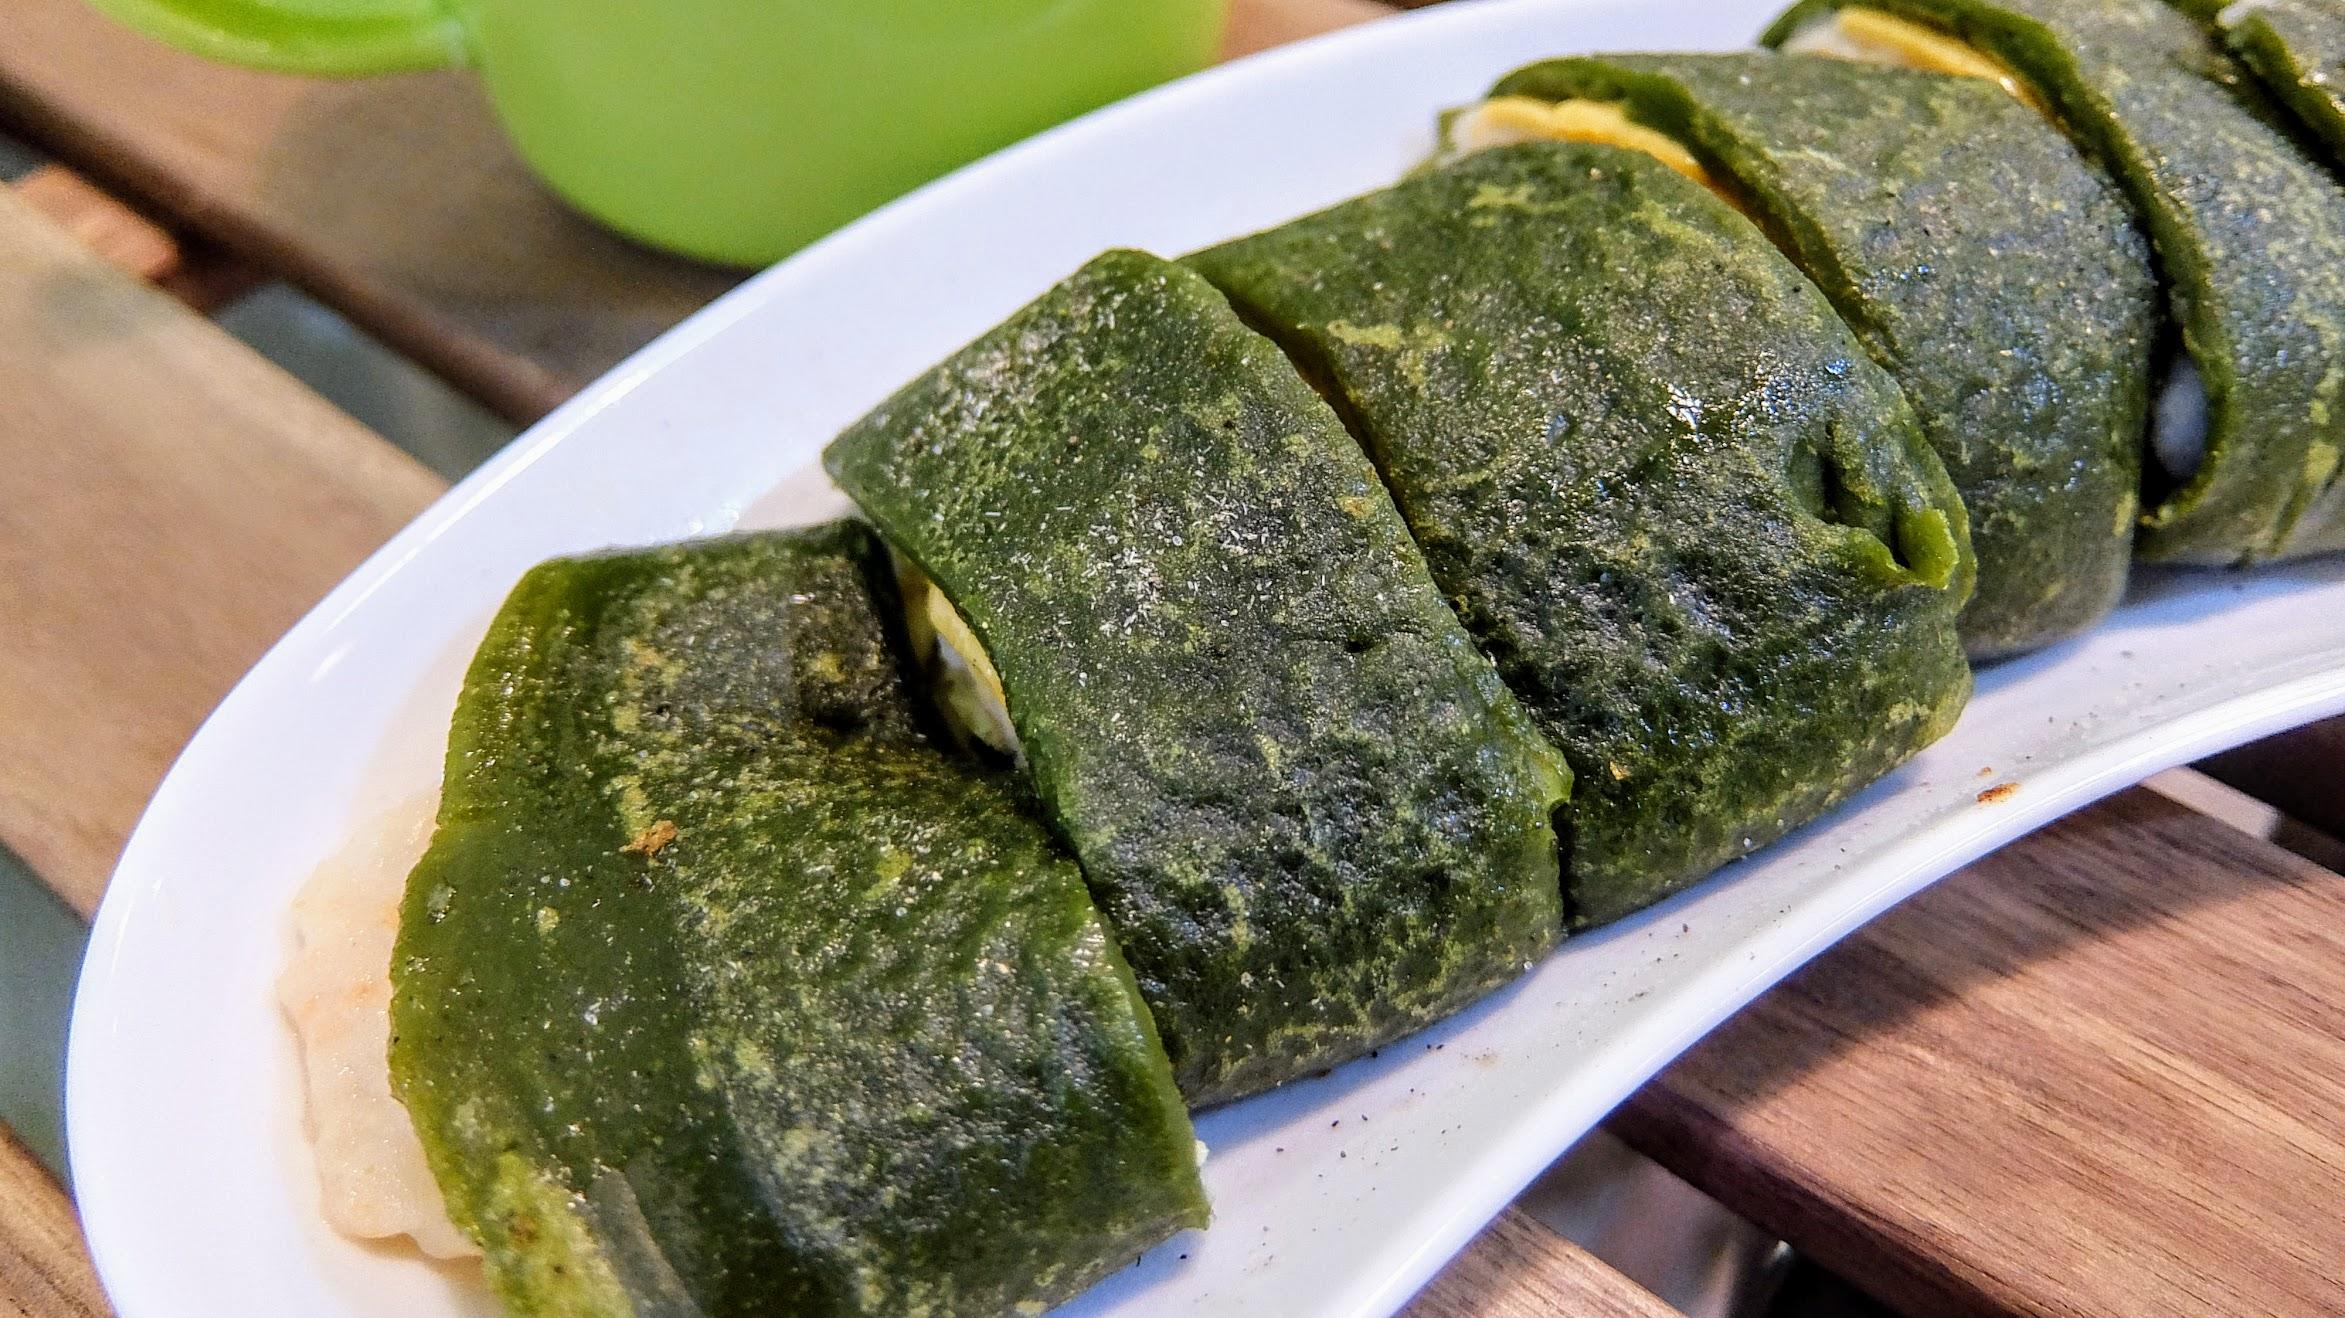 日式抹茶蛋餅,餅皮有用綠茶粉去調製,屬於麵糊蛋餅,餅皮比較厚一些! 第一次來的麵糊蛋餅帶點苦味,但第二次來反而沒有XD